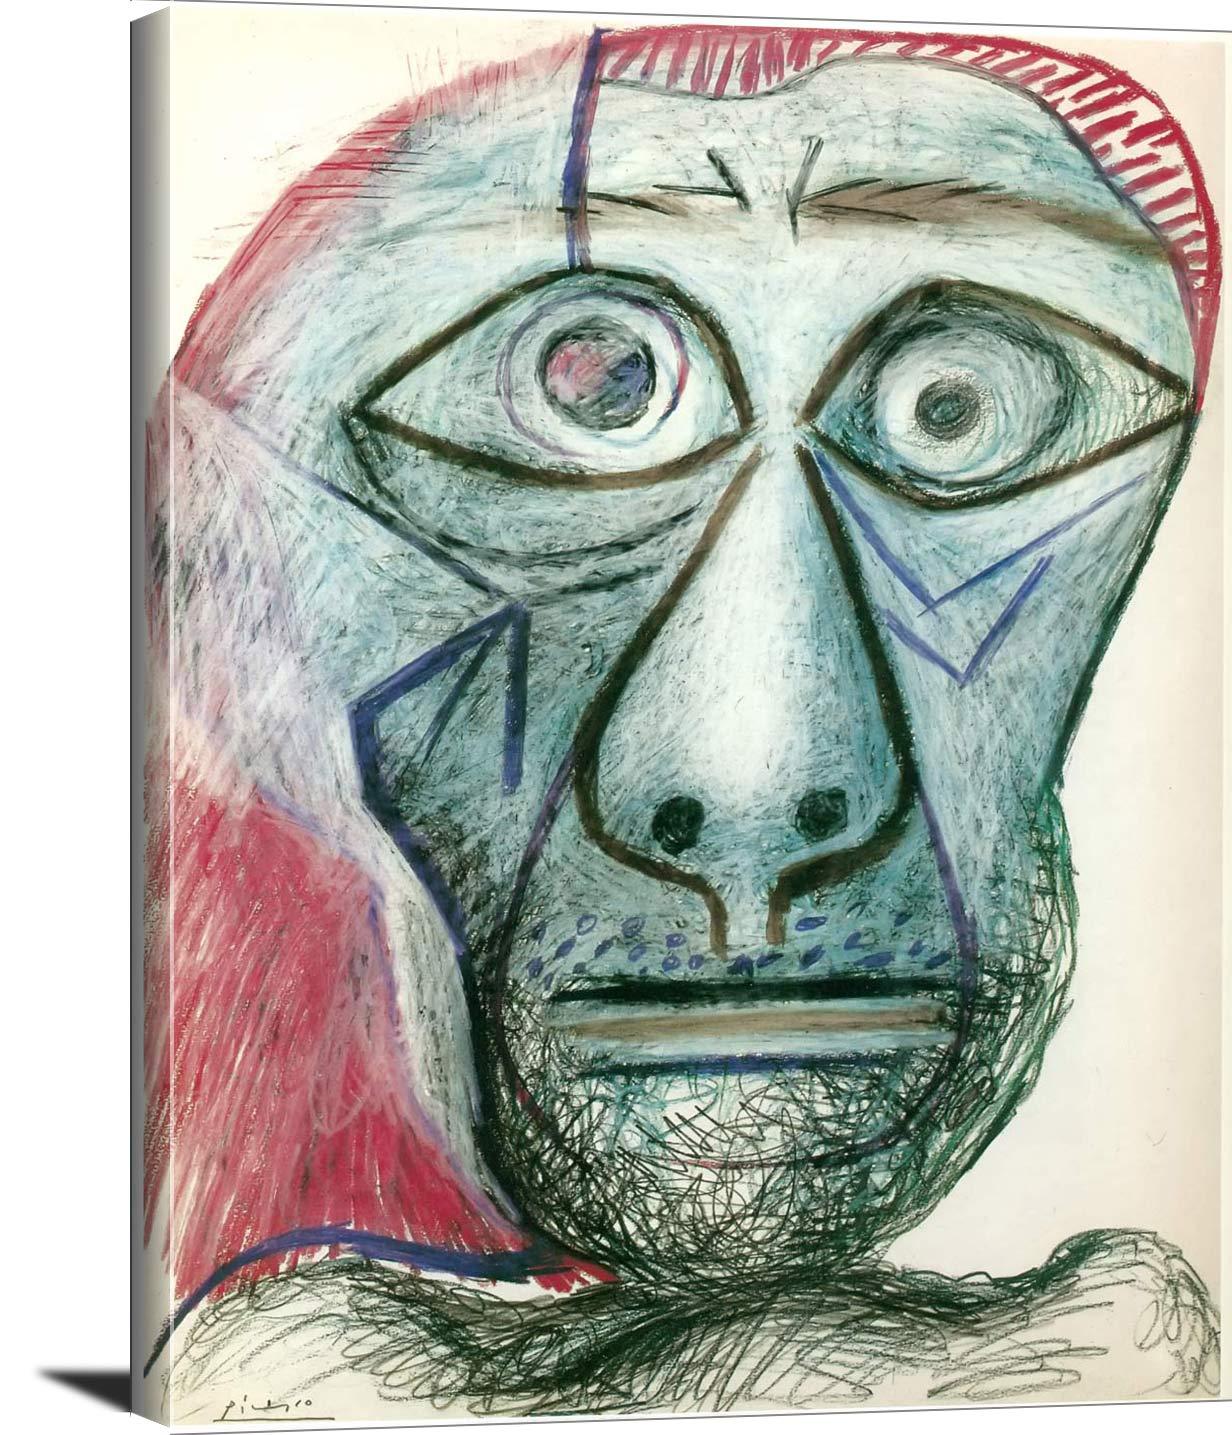 Self Portrait 1972 Pablo Picasso